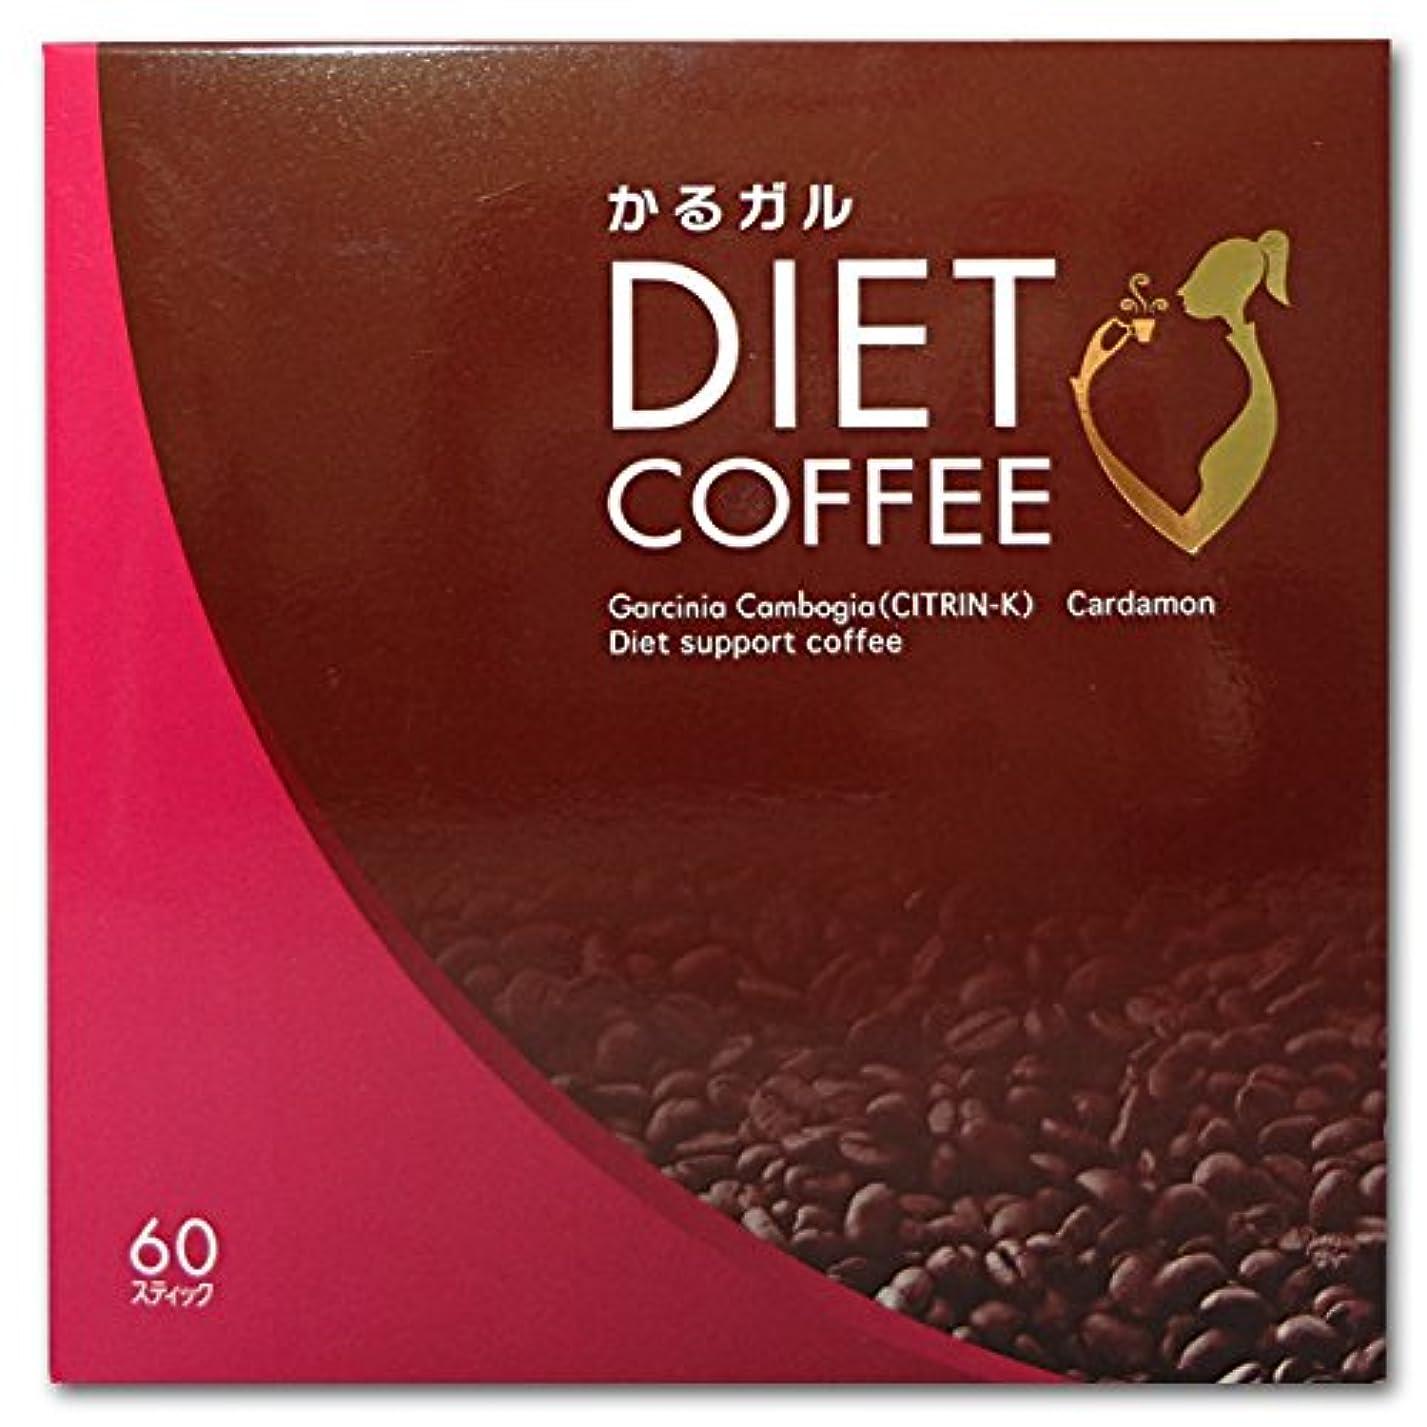 トランザクション反発健康的エル?エスコーポレーション カルがるDIET COFFEE(ダイエットコーヒー) 60袋